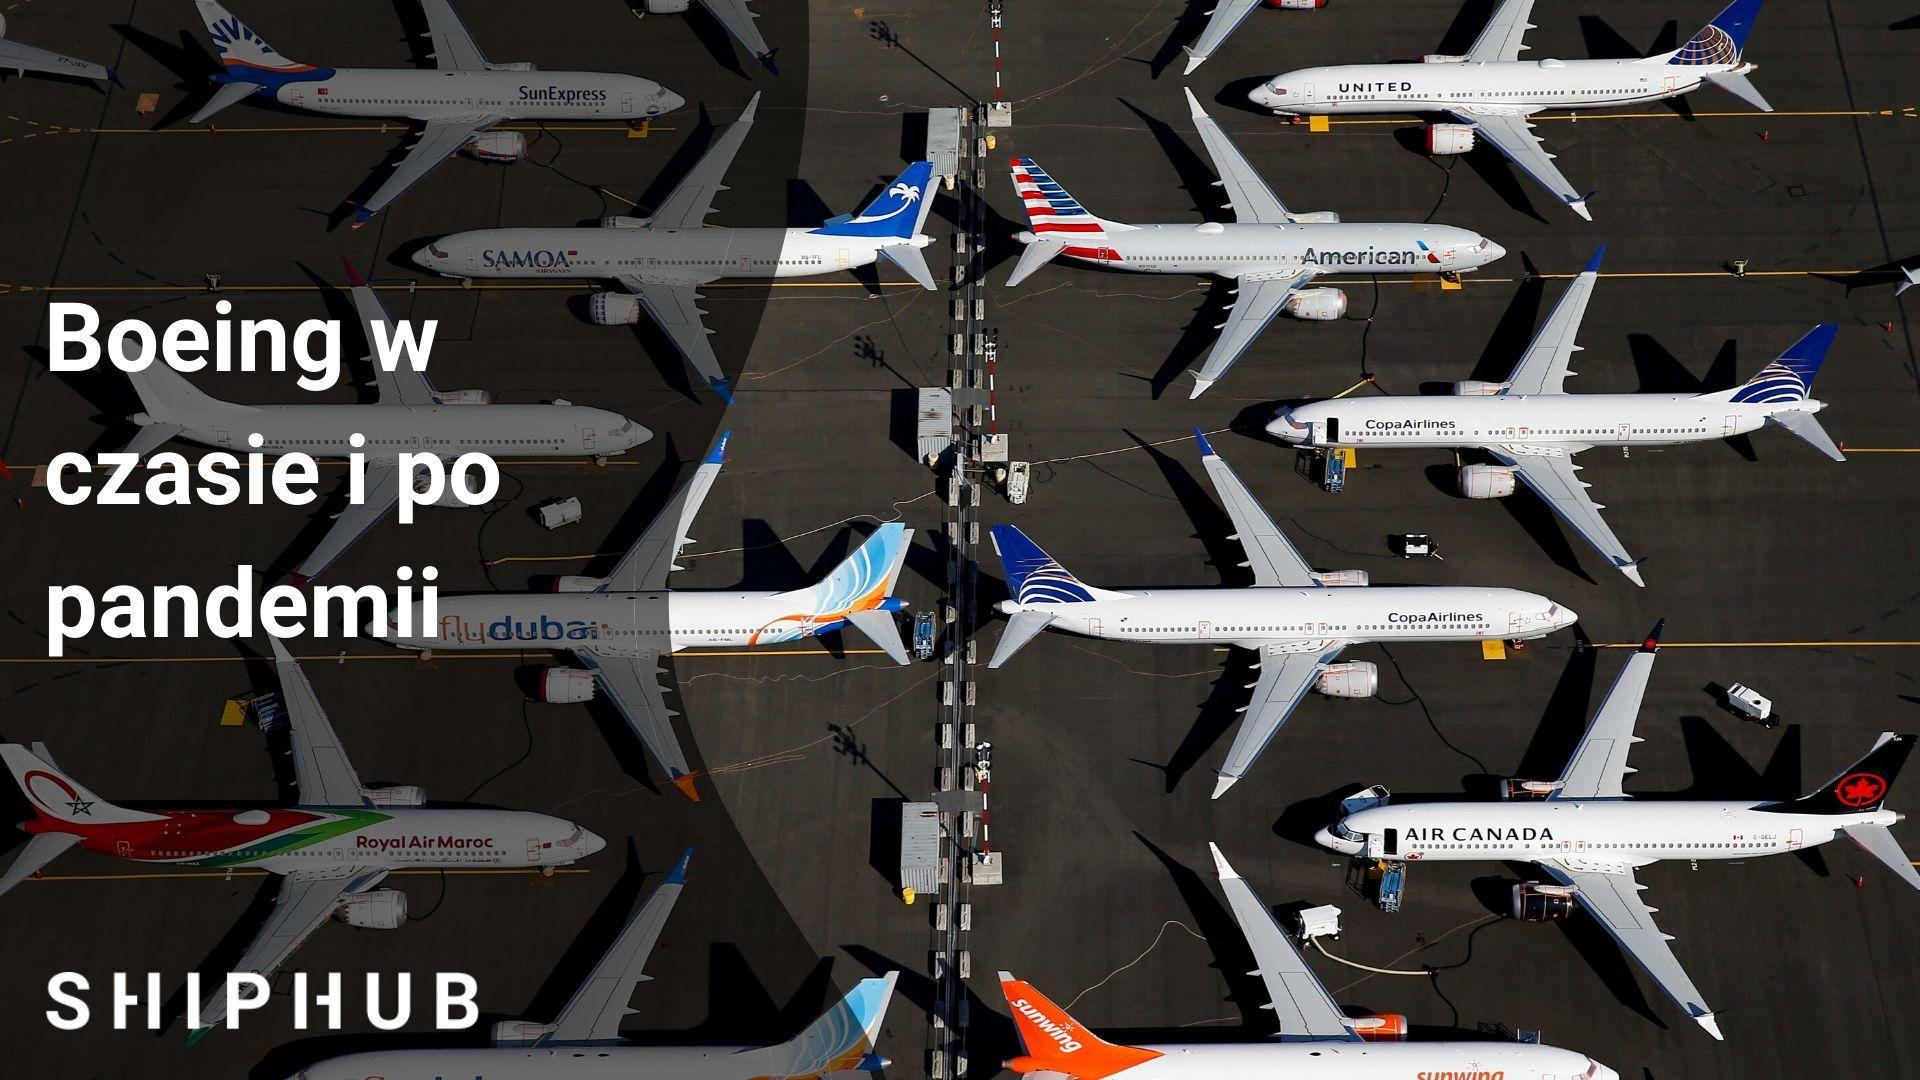 Boeing w czasie i po pandemii